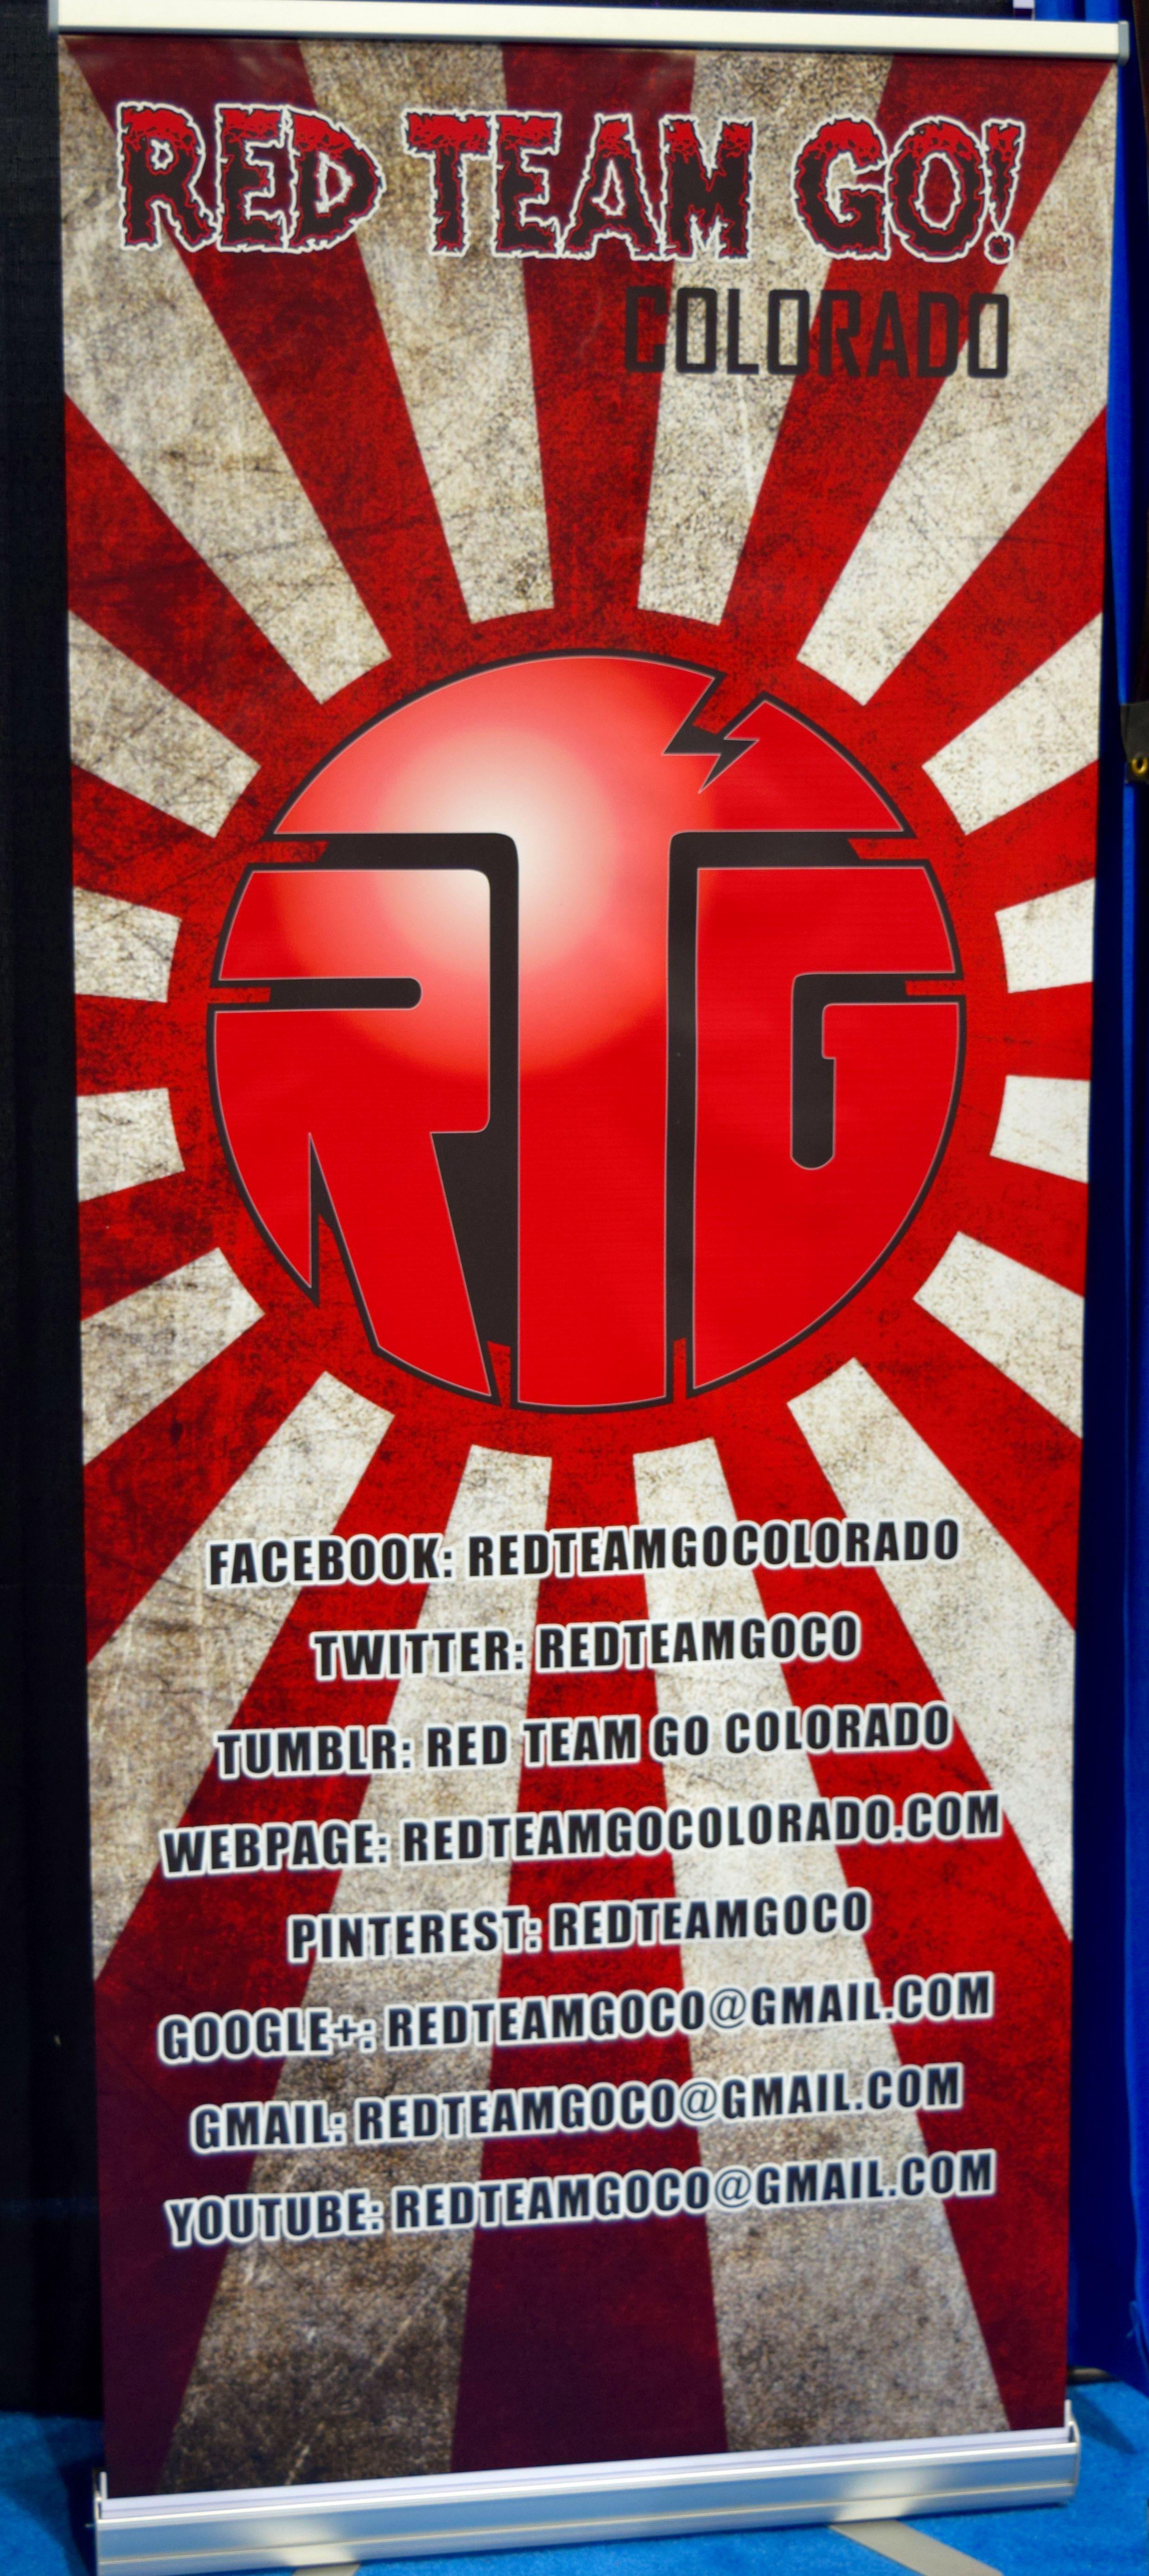 Red Team Go Colorado banner at Denver Comic Con 2016.